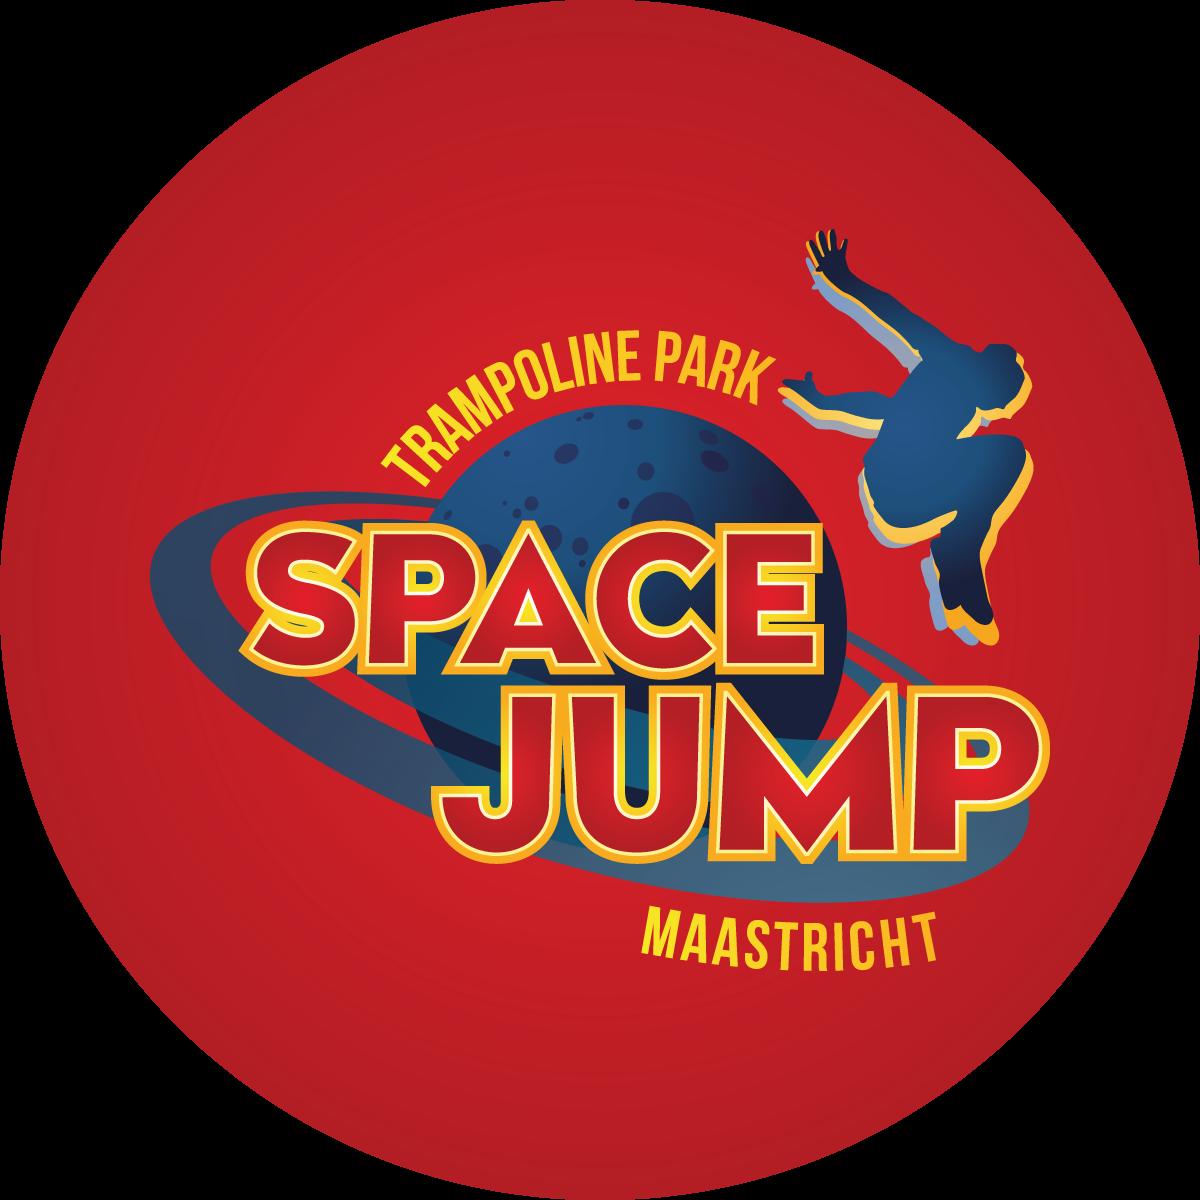 spacejump-maastricht